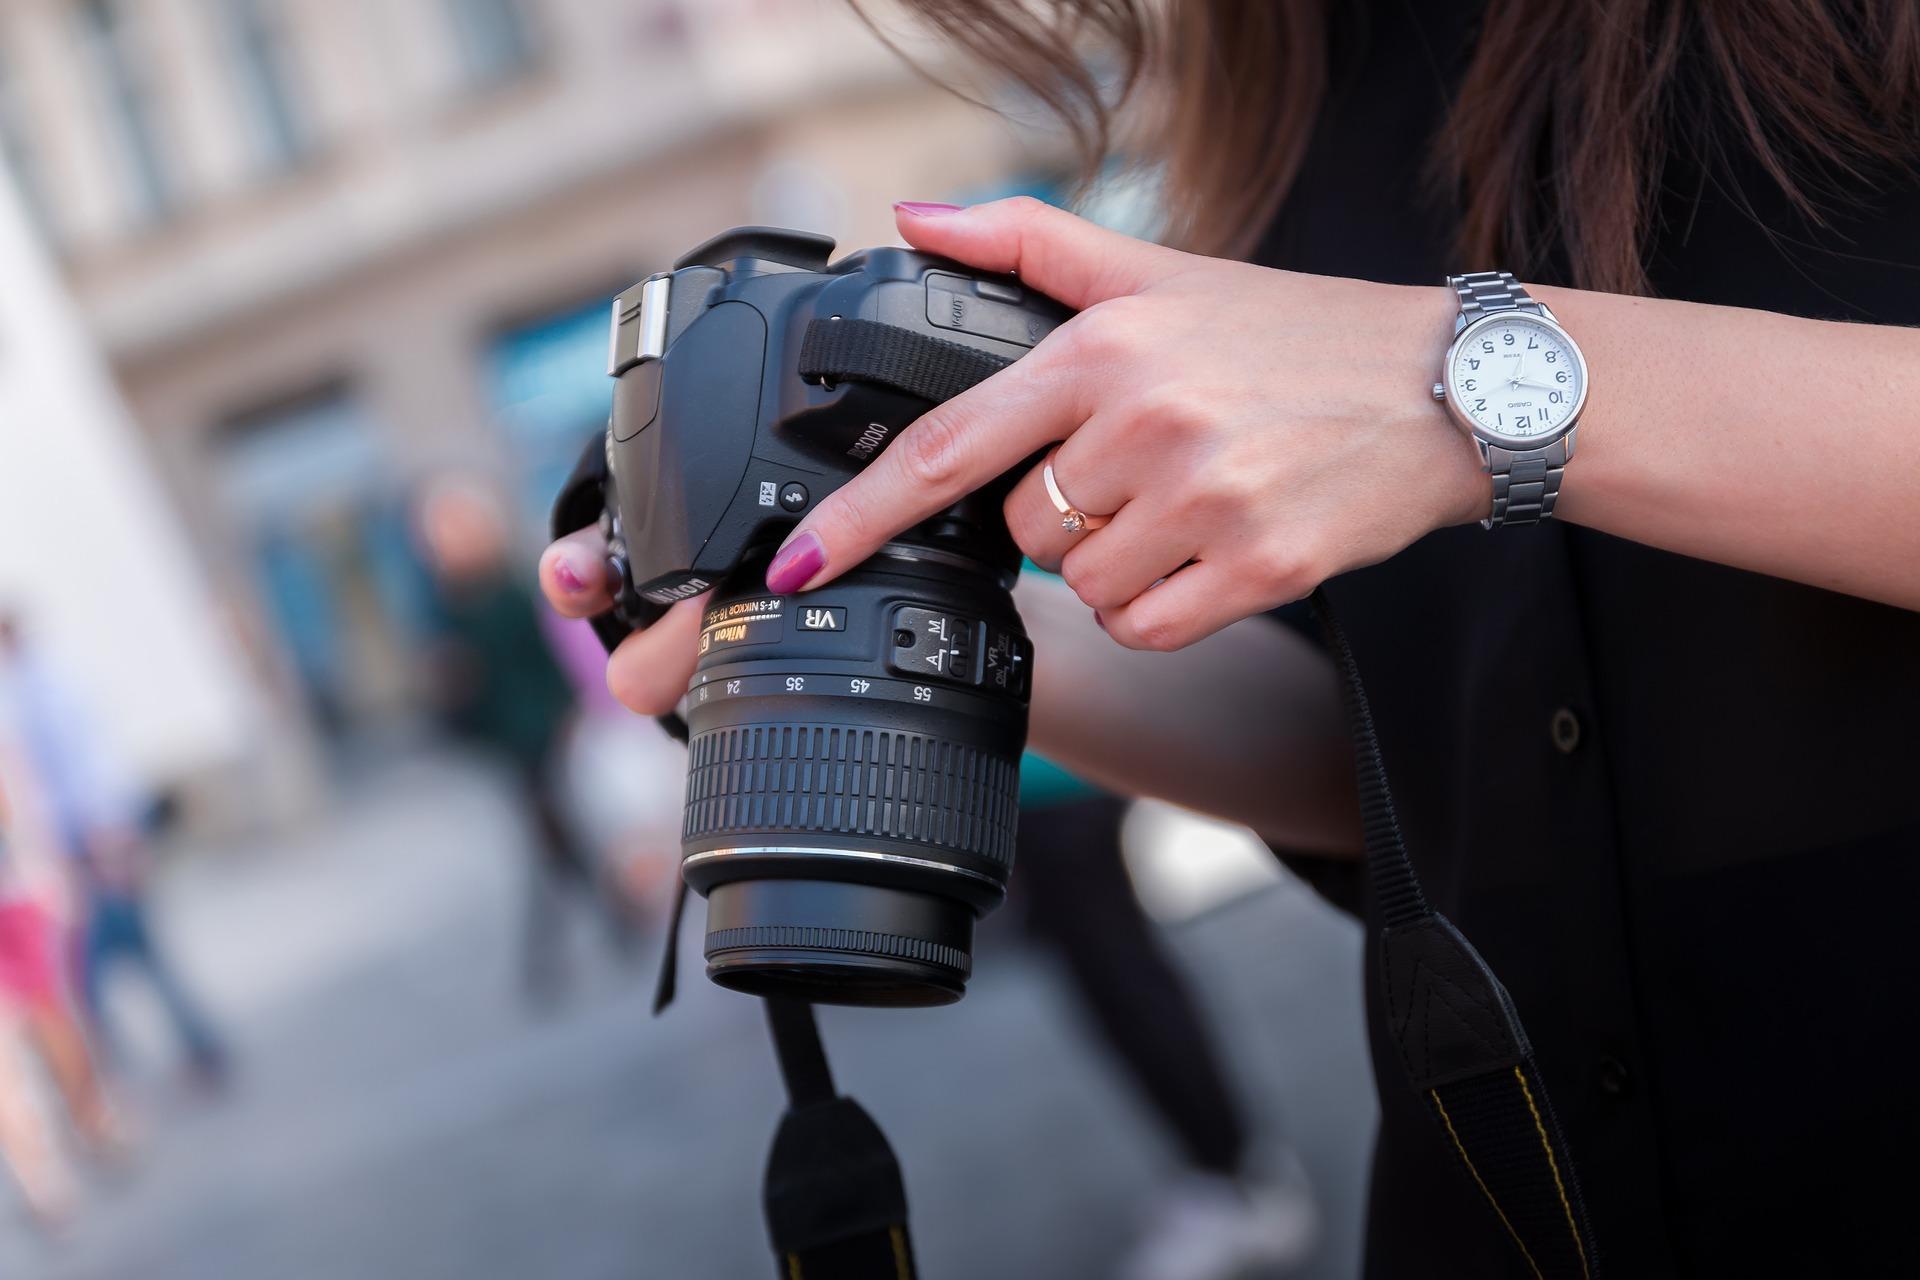 Яндекс.Маркет назвал самый популярный фотоаппарат иобъективы